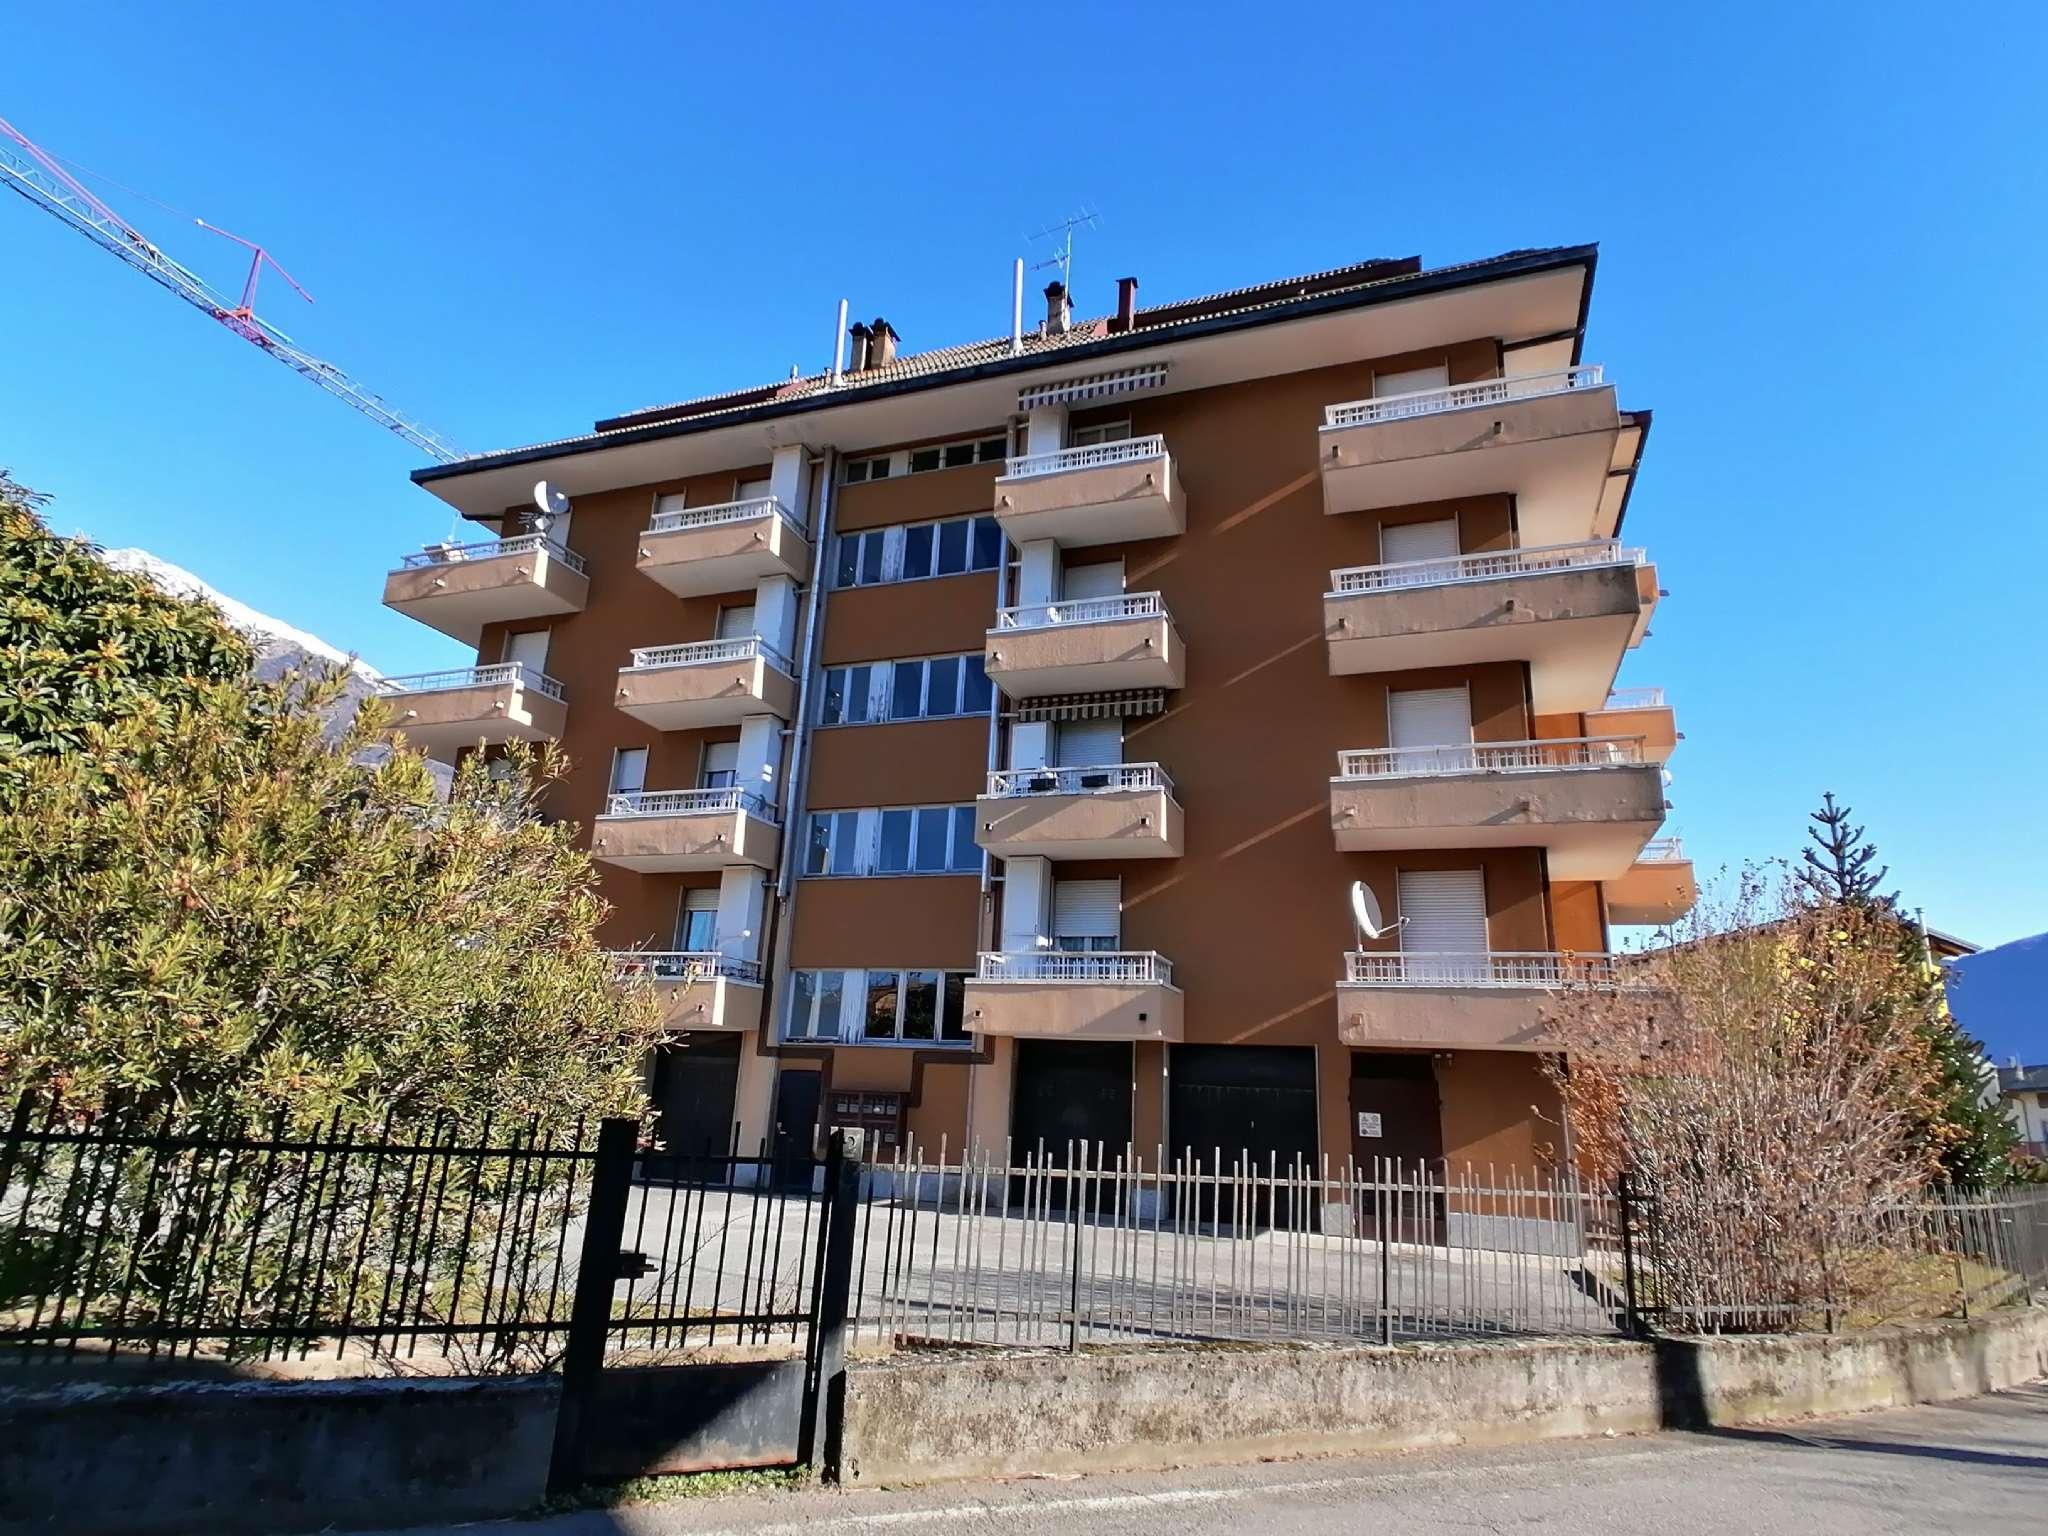 Attico / Mansarda in vendita a Morbegno, 2 locali, prezzo € 129.000 | PortaleAgenzieImmobiliari.it